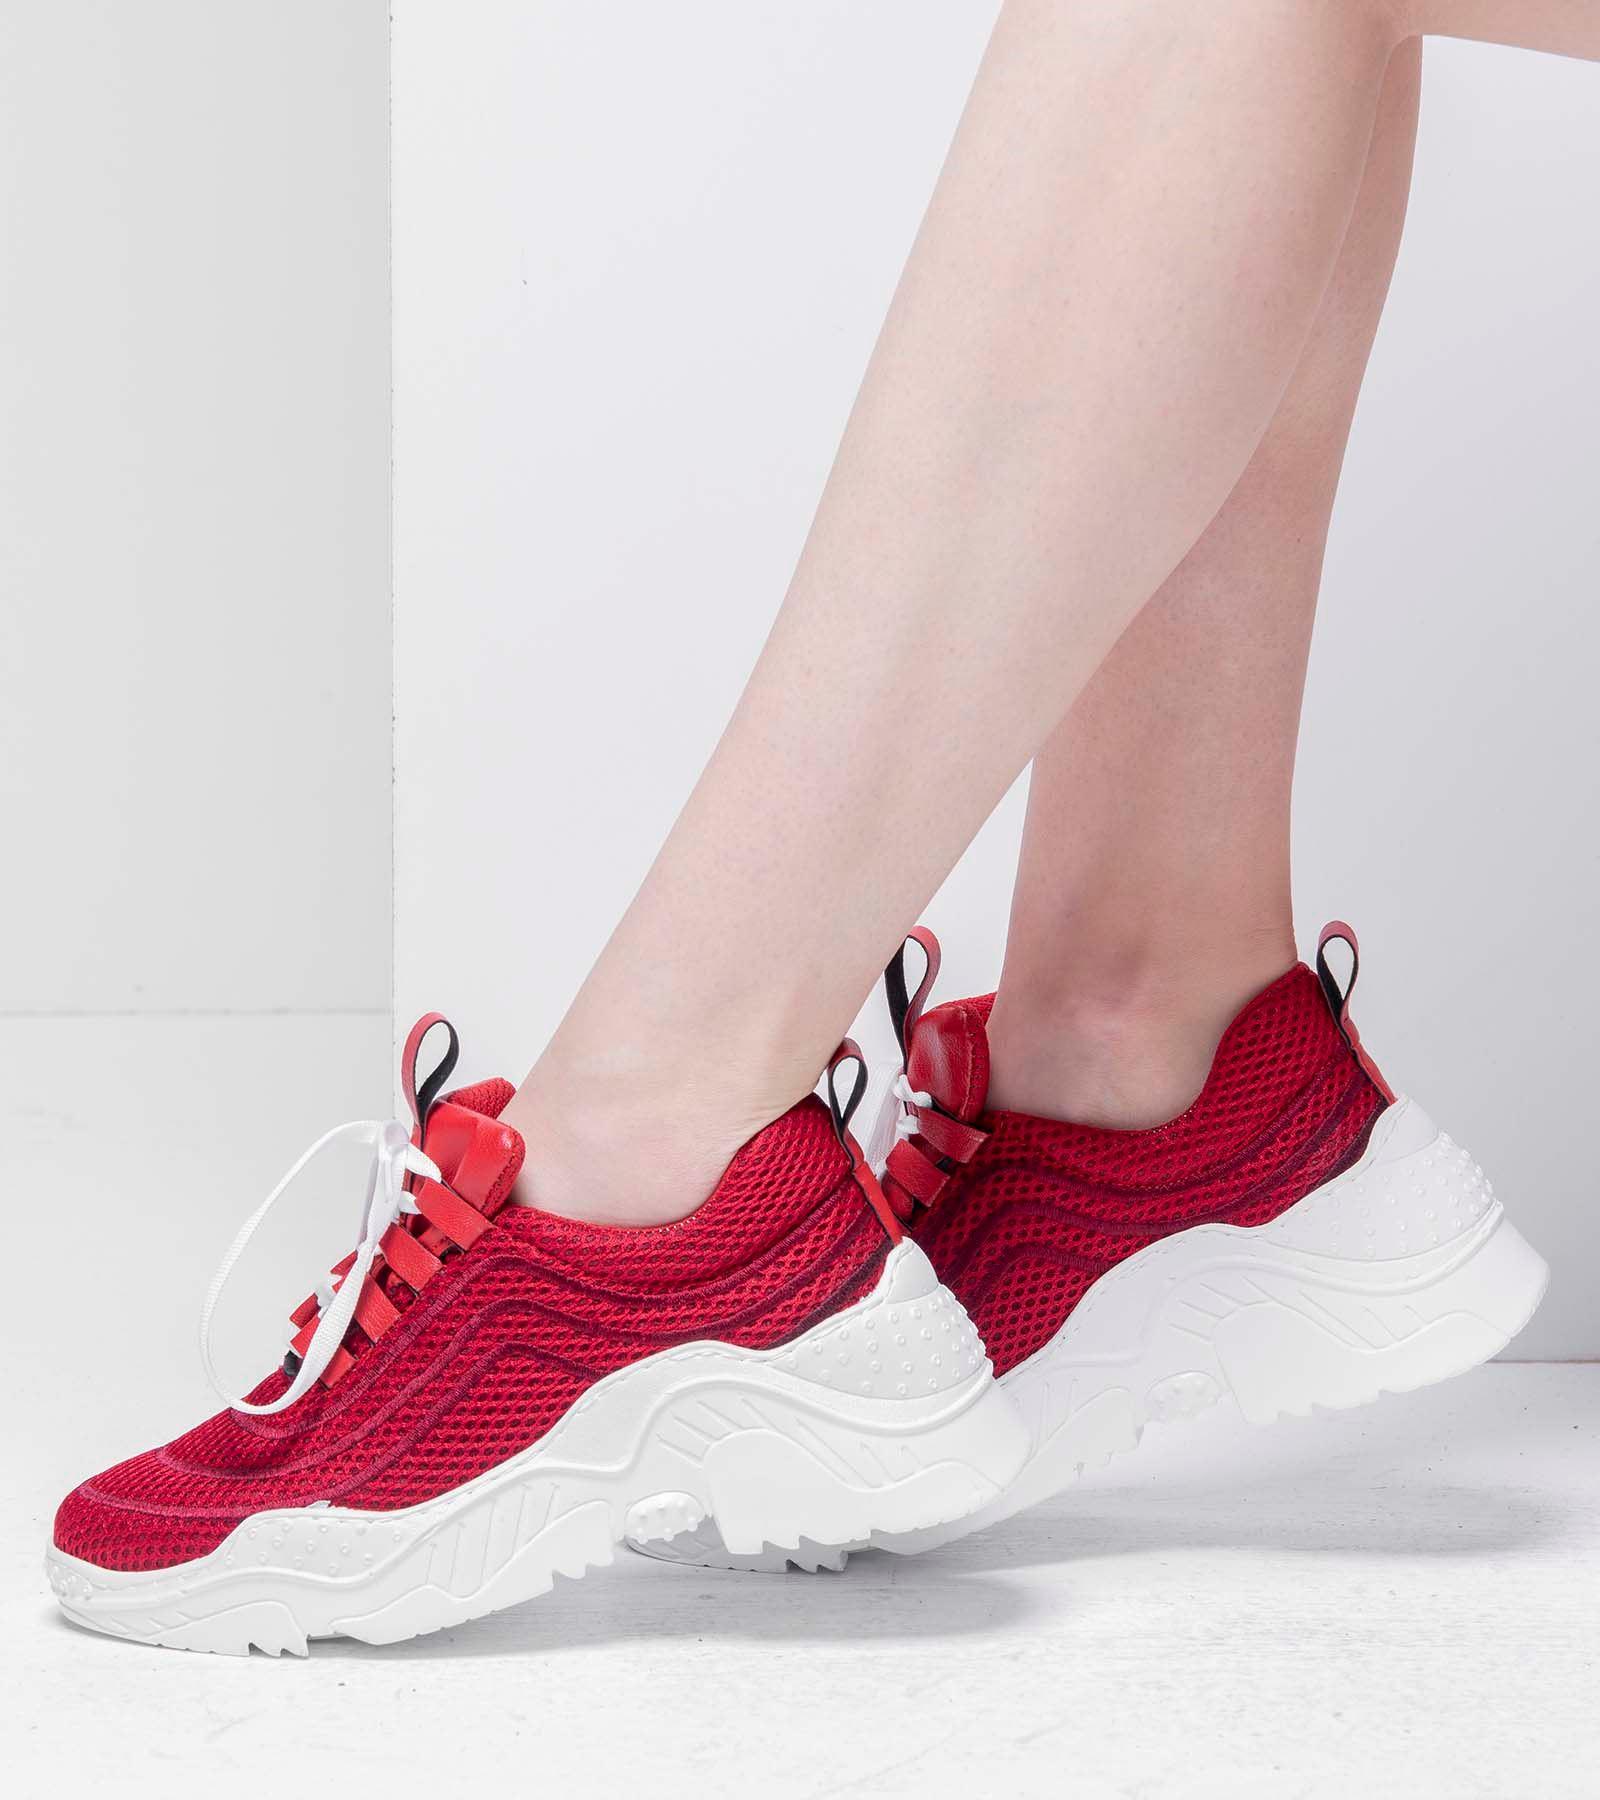 Rosie Yüksek Topuk Spor Ayakkabı Kırmızı